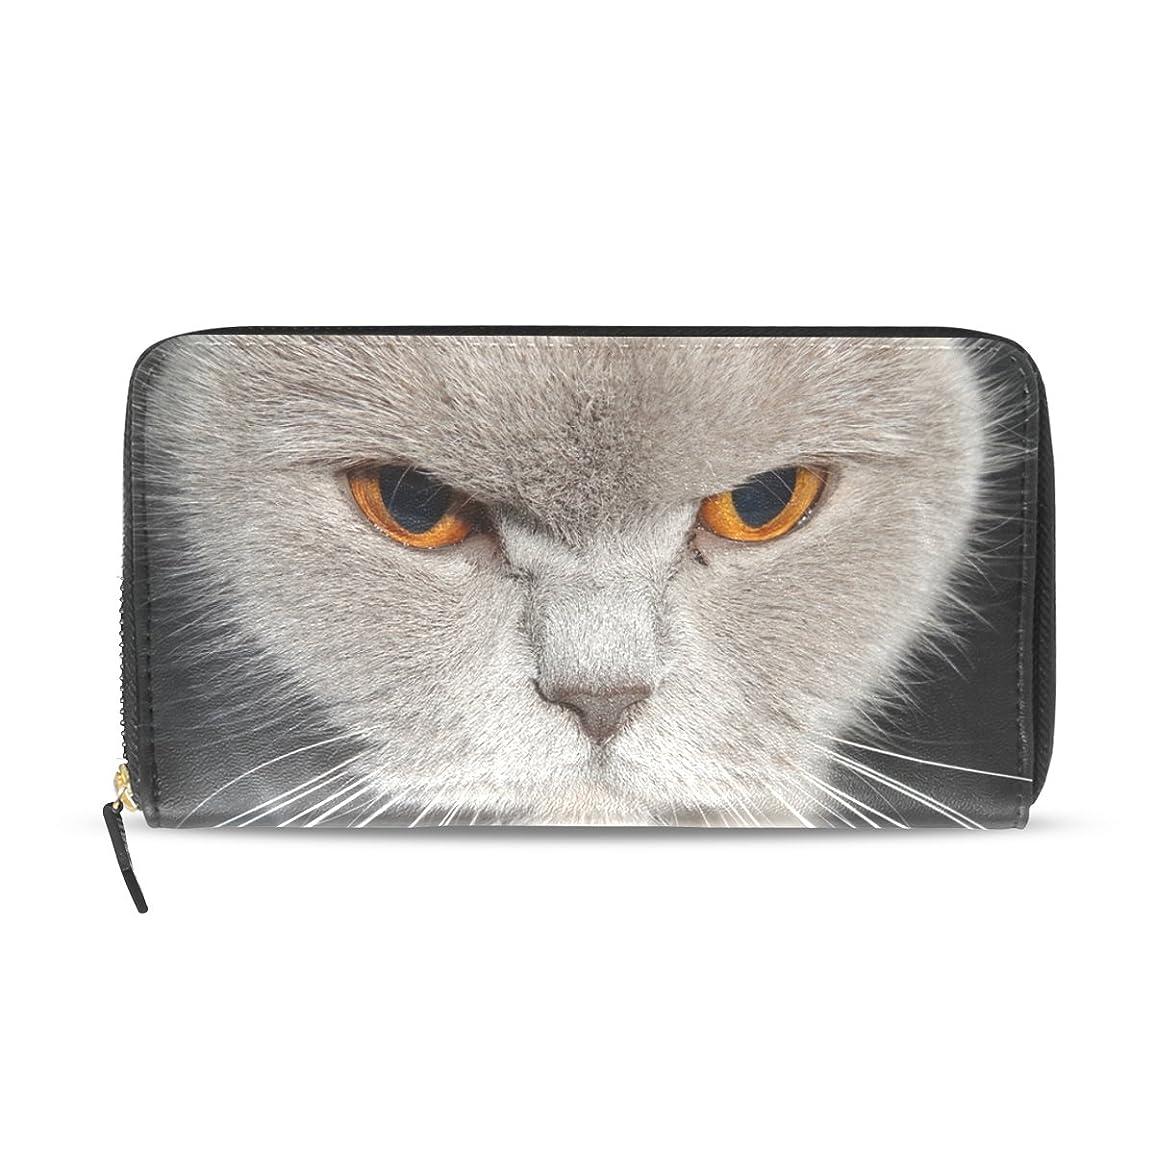 適用する音楽を聴くパズルマキク(MAKIKU) 長財布 レディース 大容量 革 レザー ラウンドファスナー おしゃれ カード12枚収納 プレゼント対応 かわいい 猫 猫柄